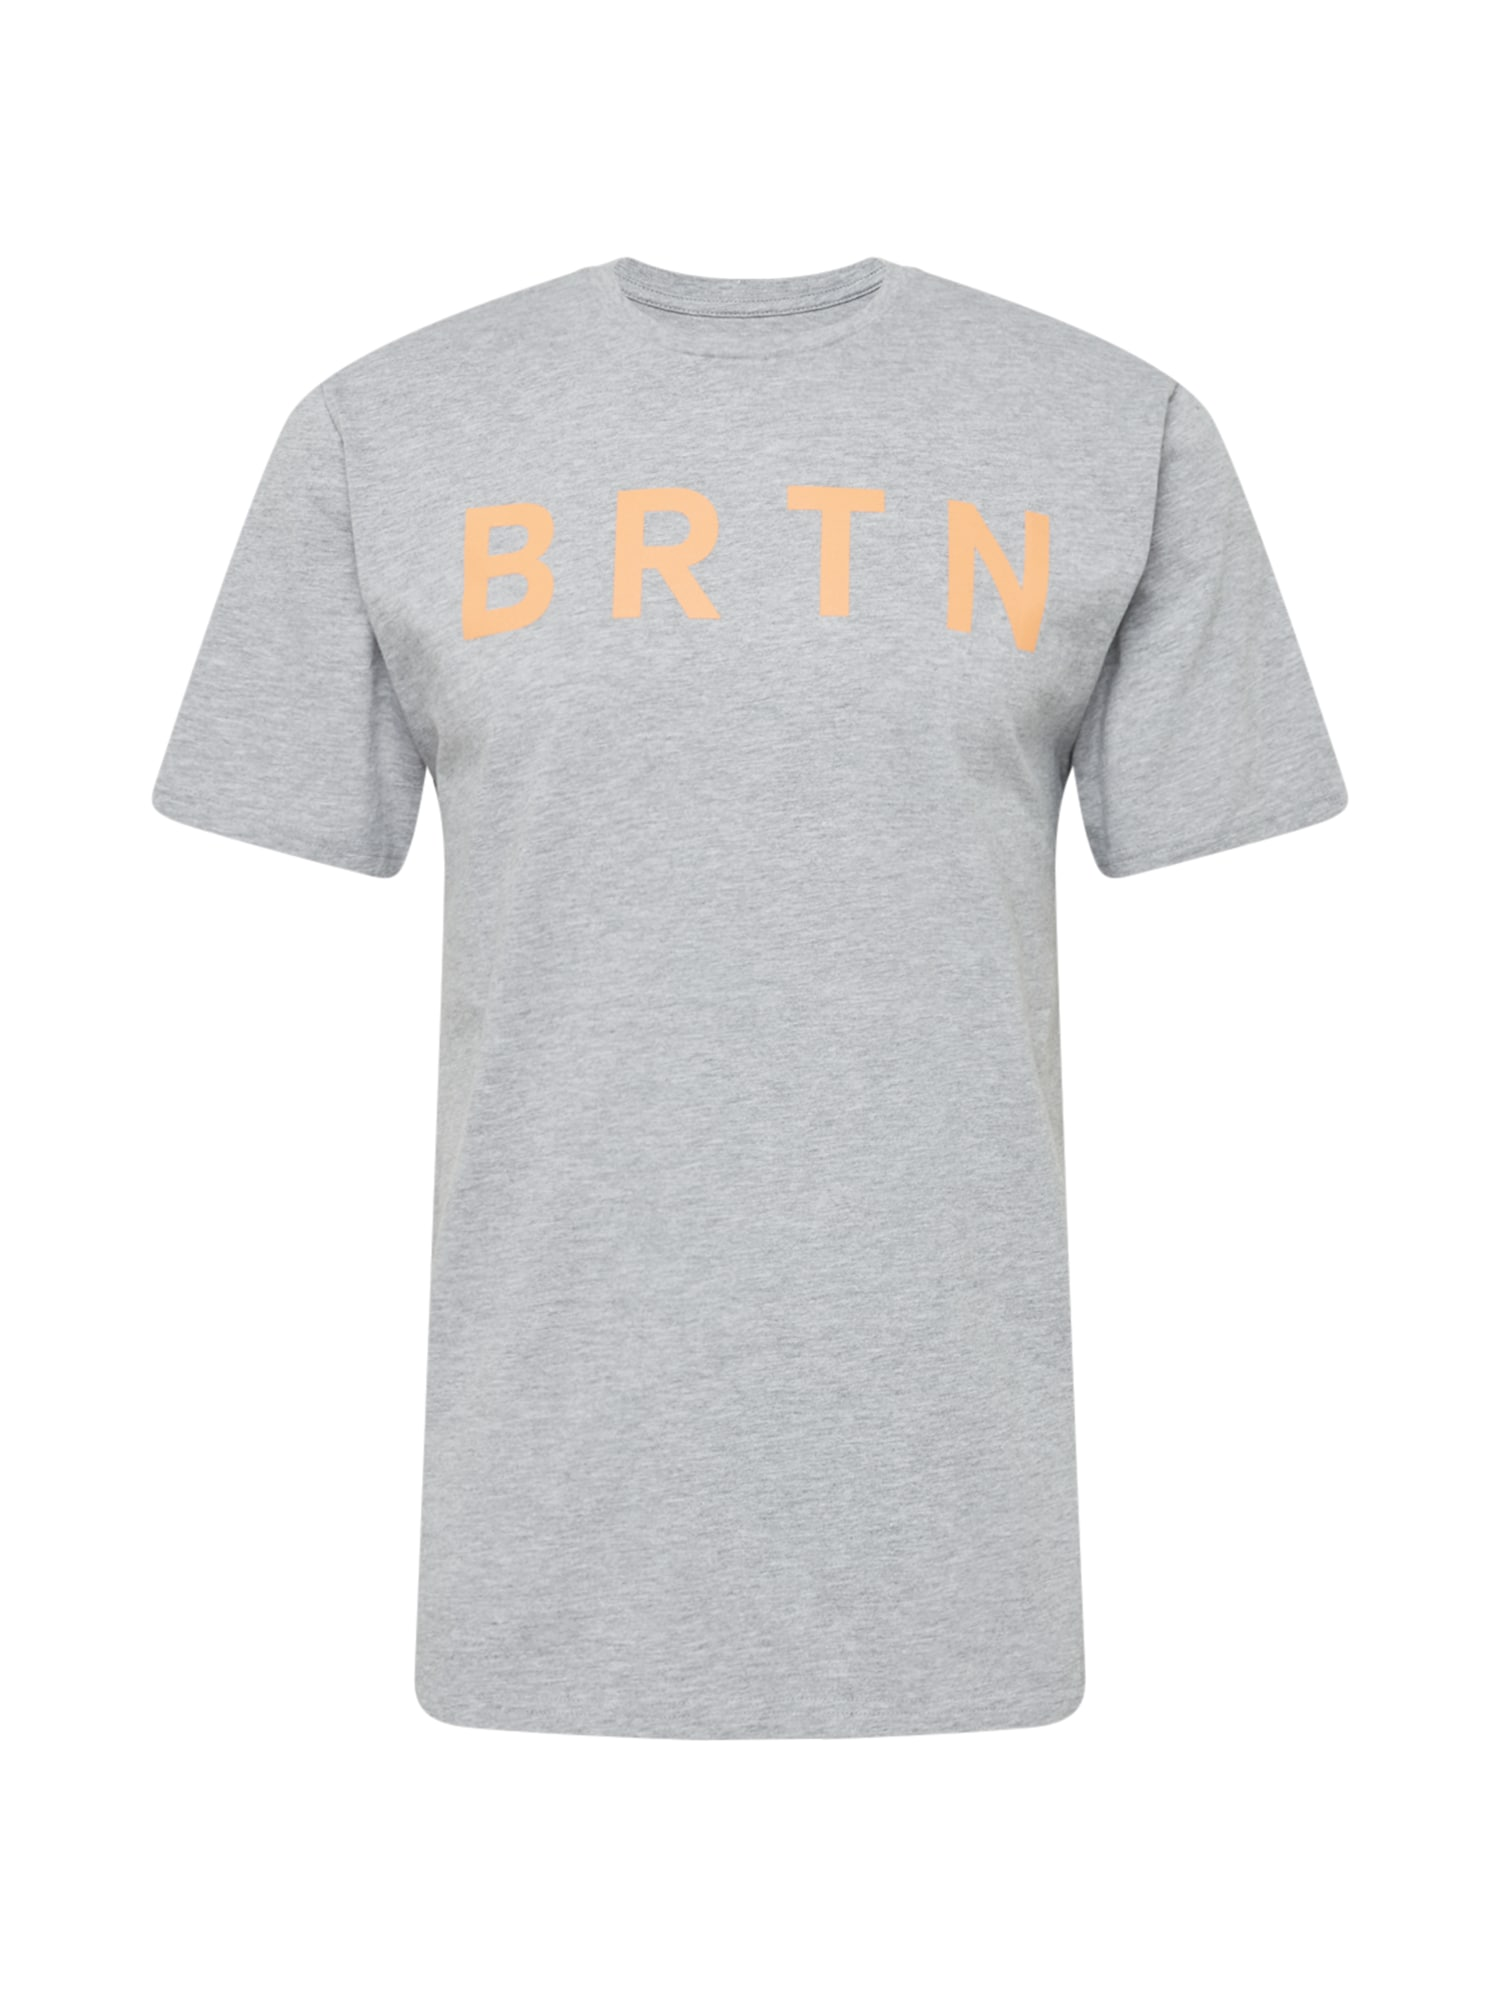 BURTON Marškinėliai margai pilka / šafrano spalva